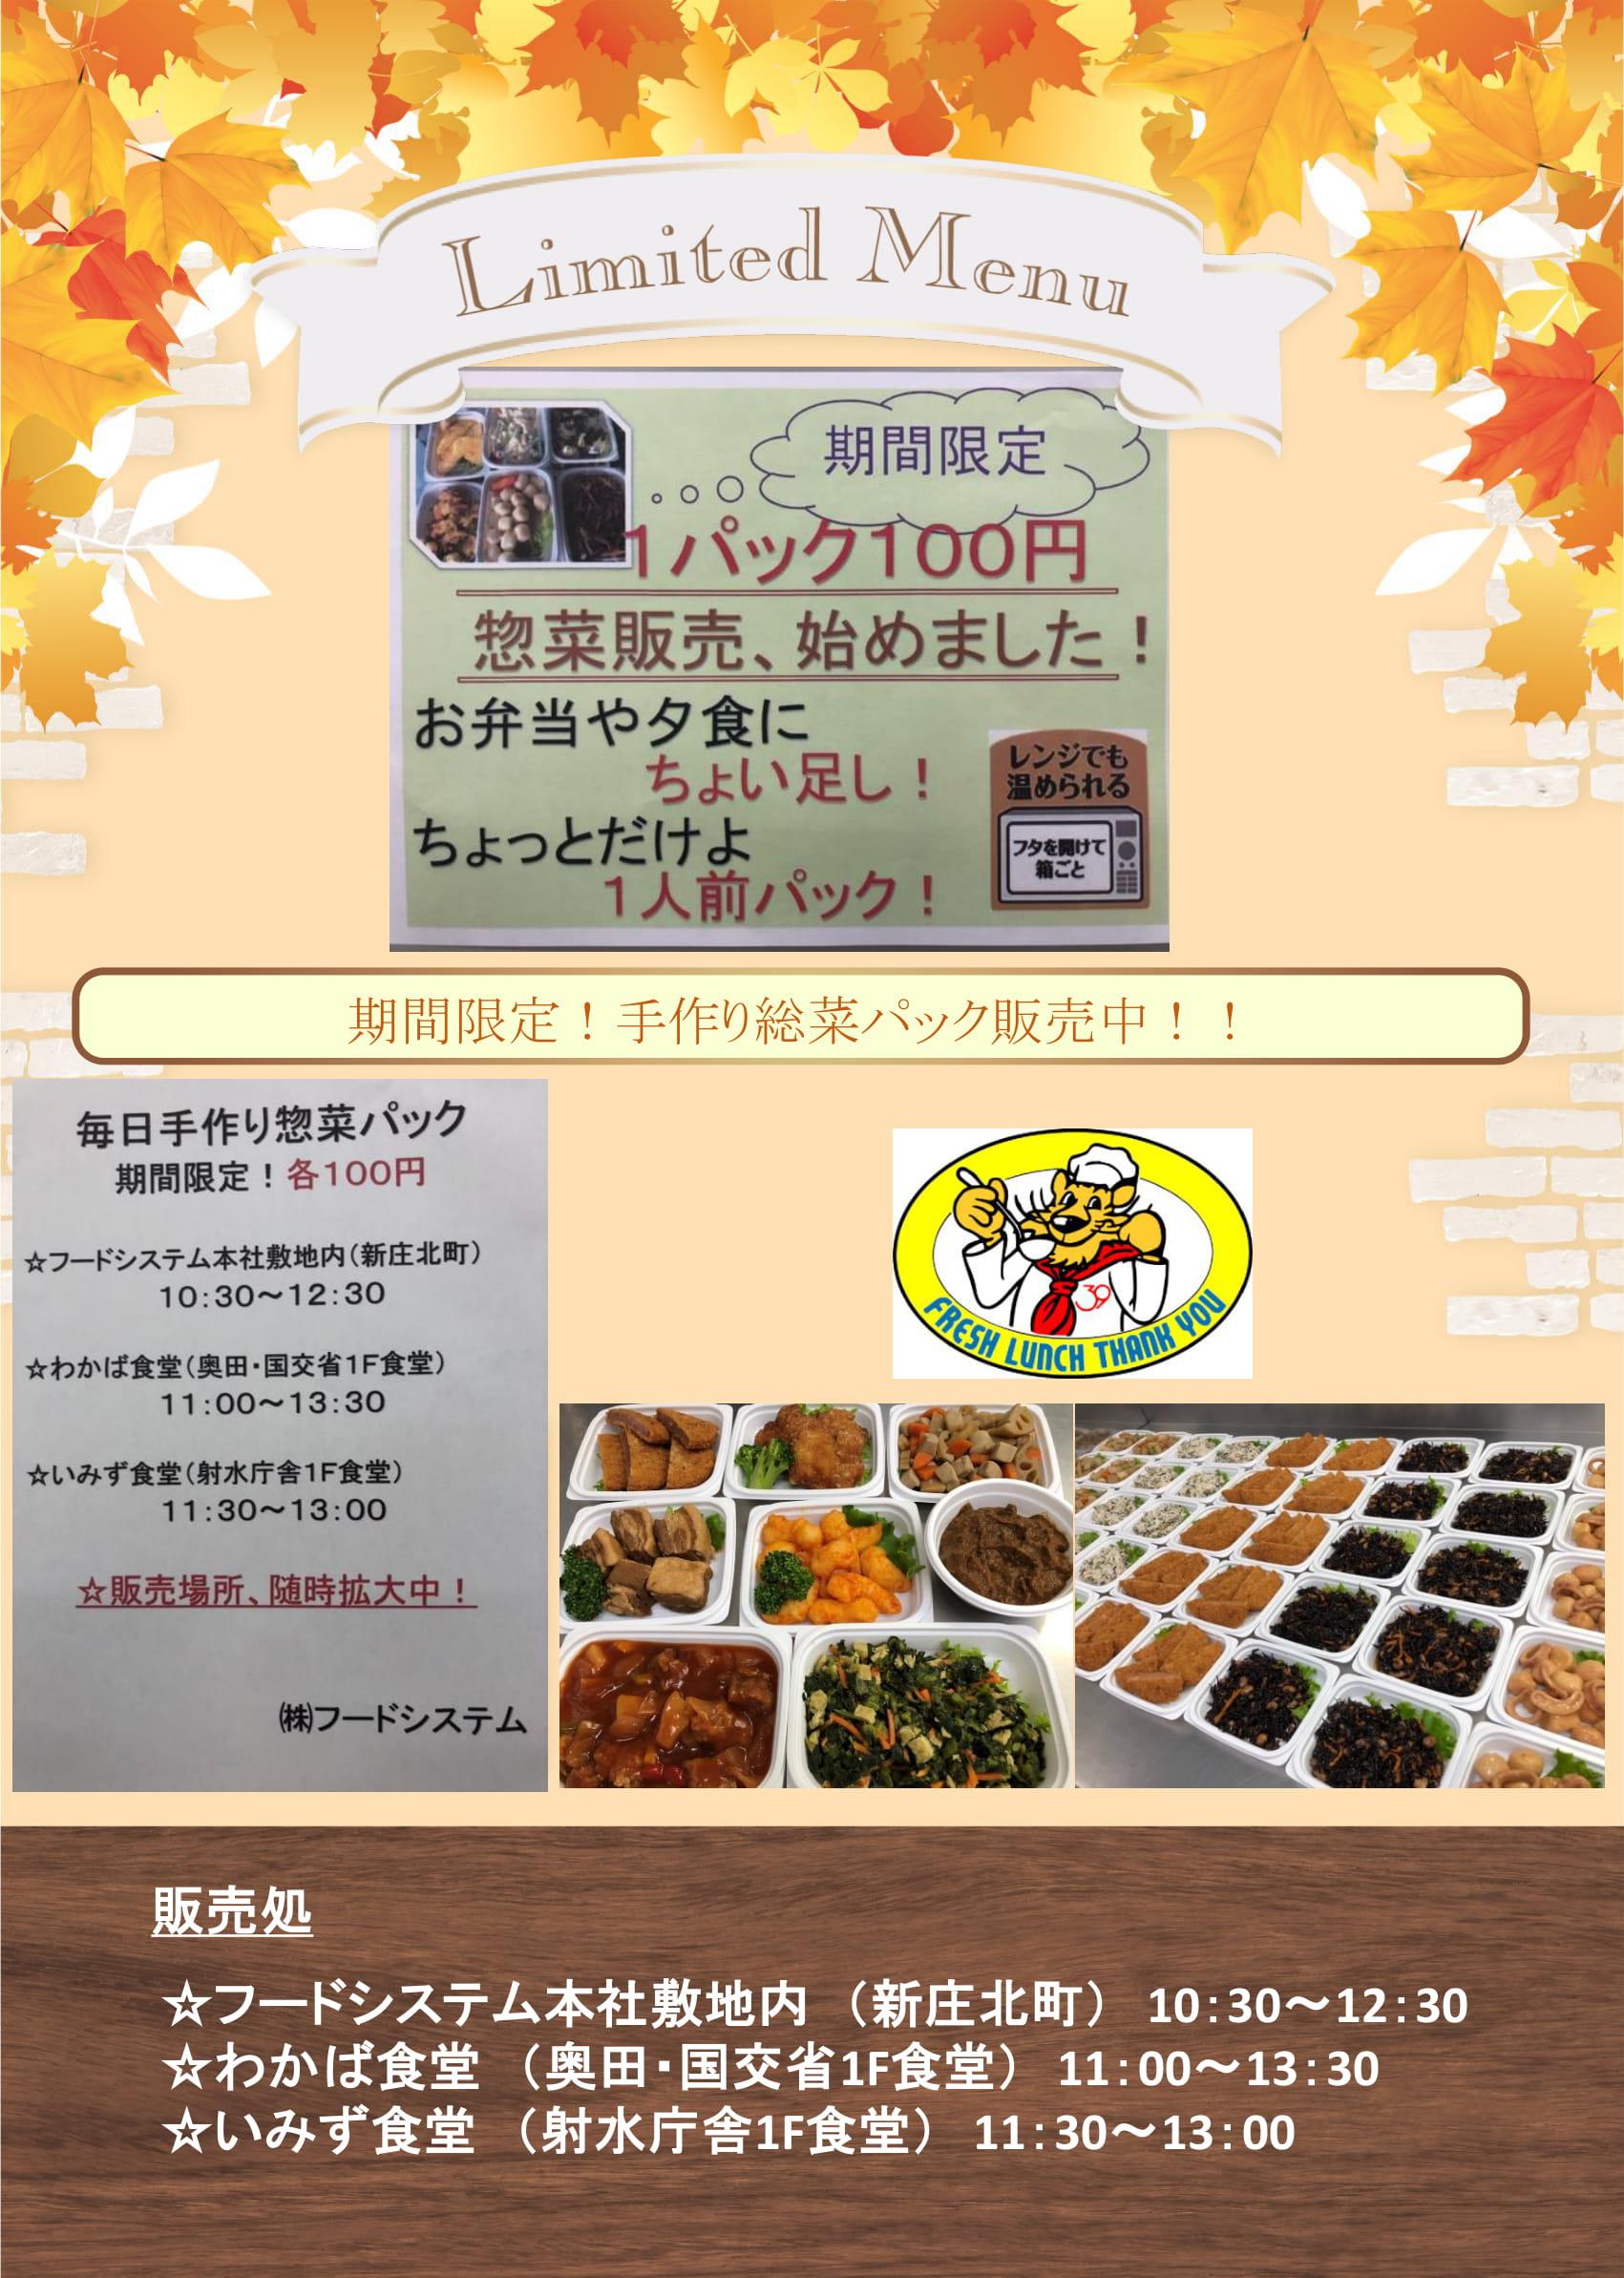 【期間限定企画】手作り総菜パック販売中~!!